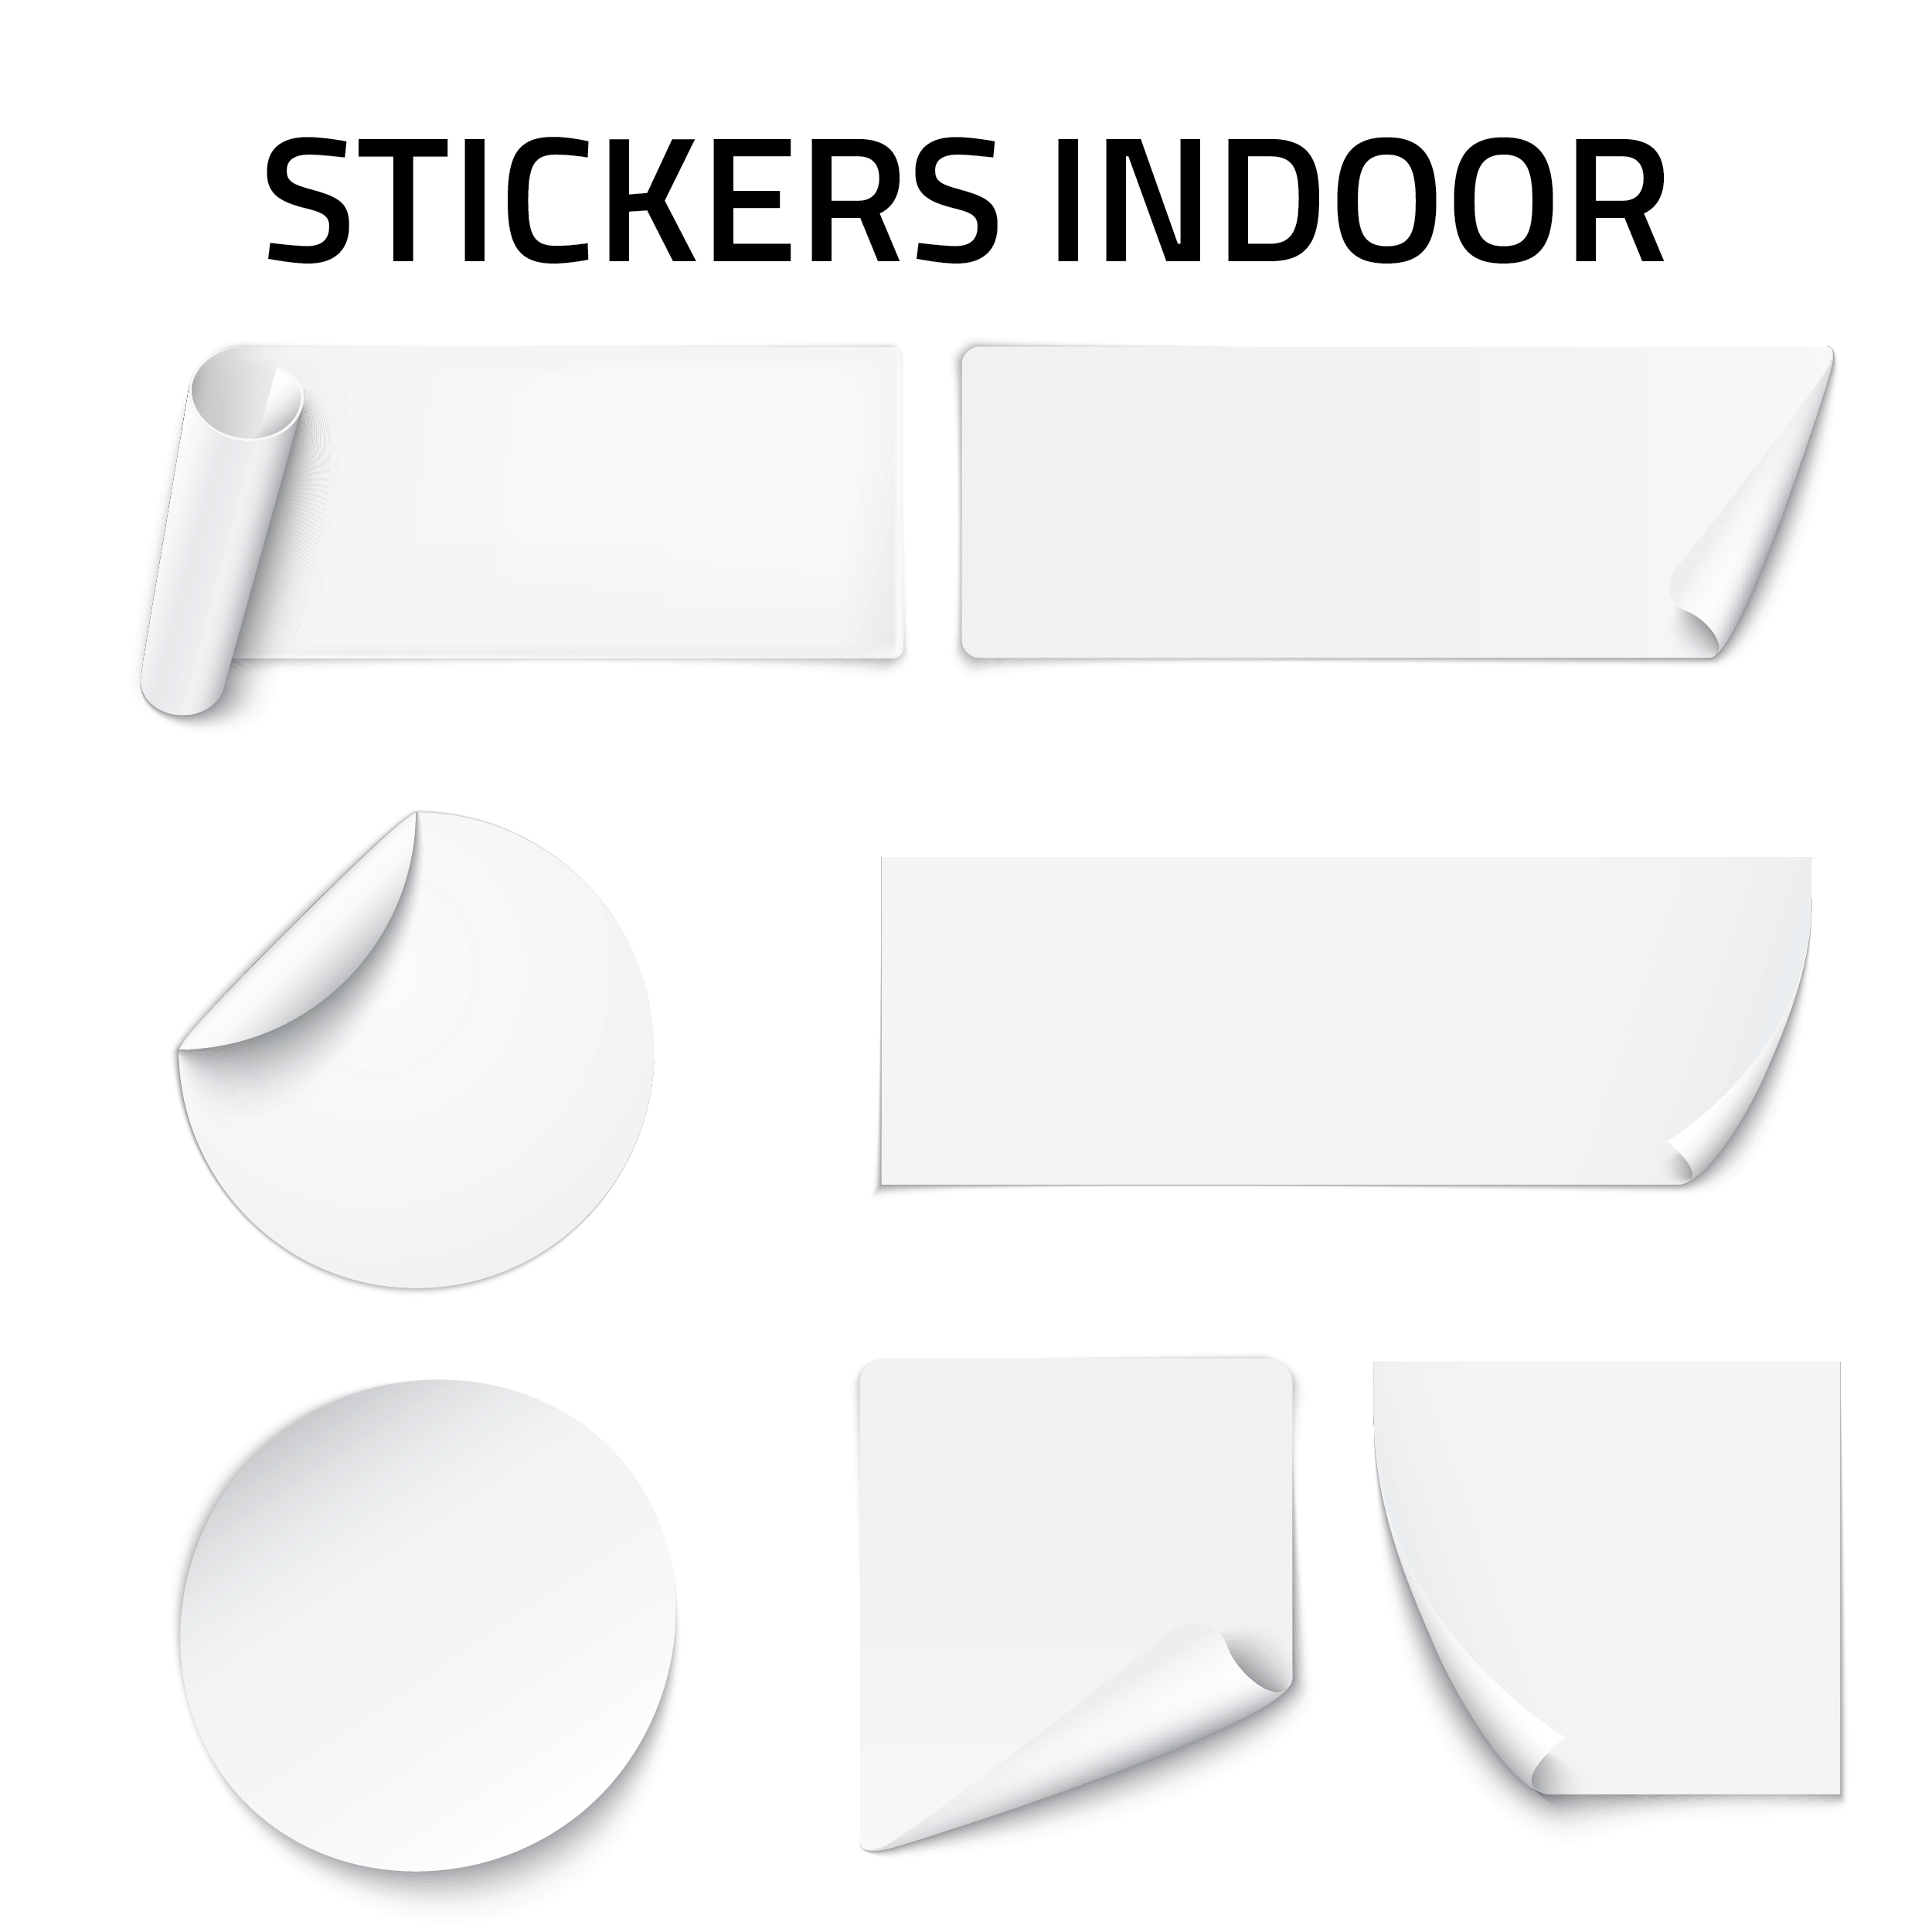 Stickers Indoor